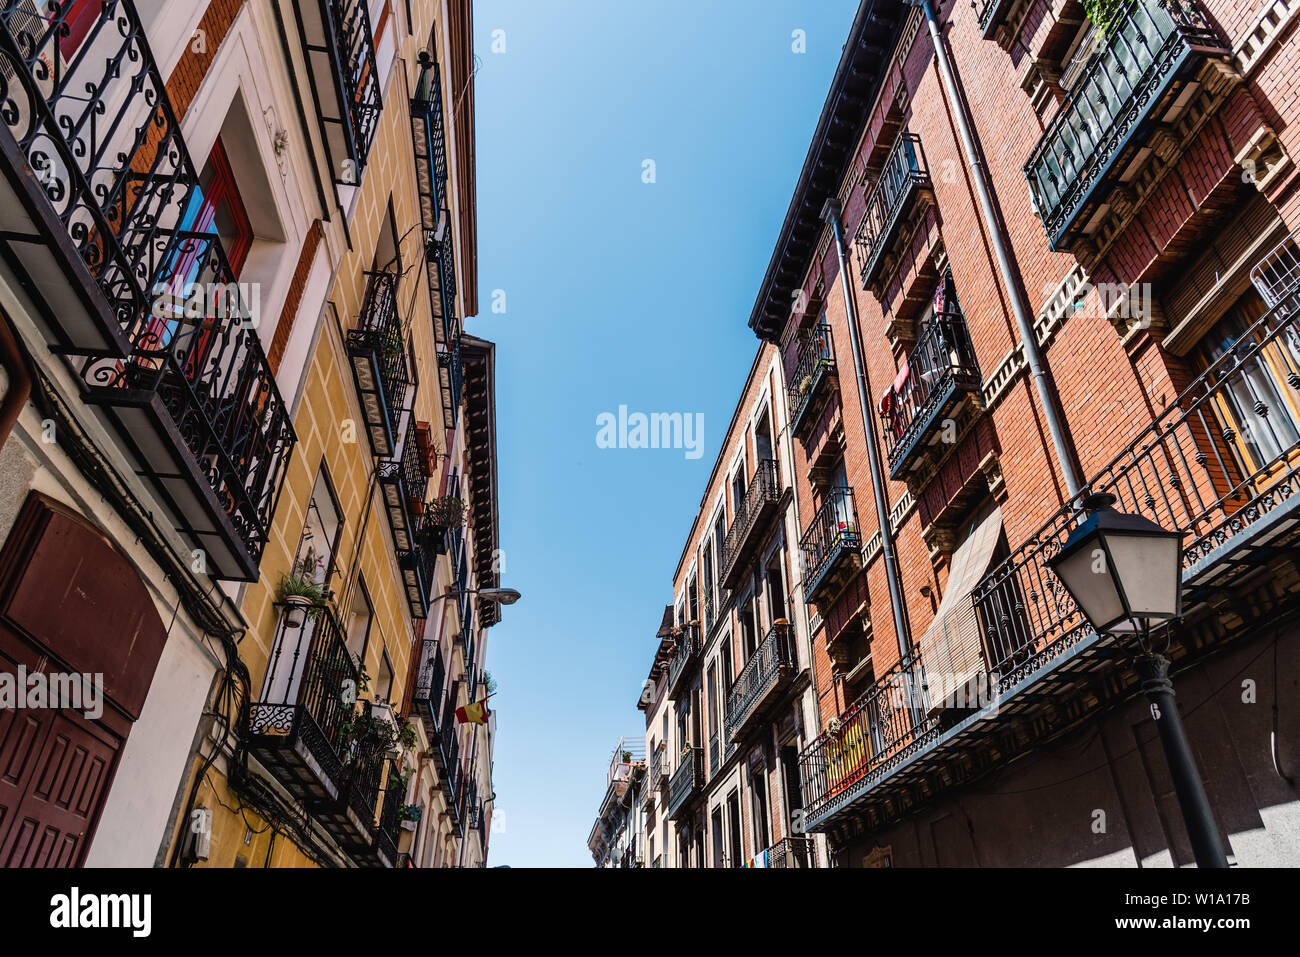 Paysage urbain de quartier Malasana à Madrid. Malasana est l'un des quartiers les plus branchés de la ville Banque D'Images